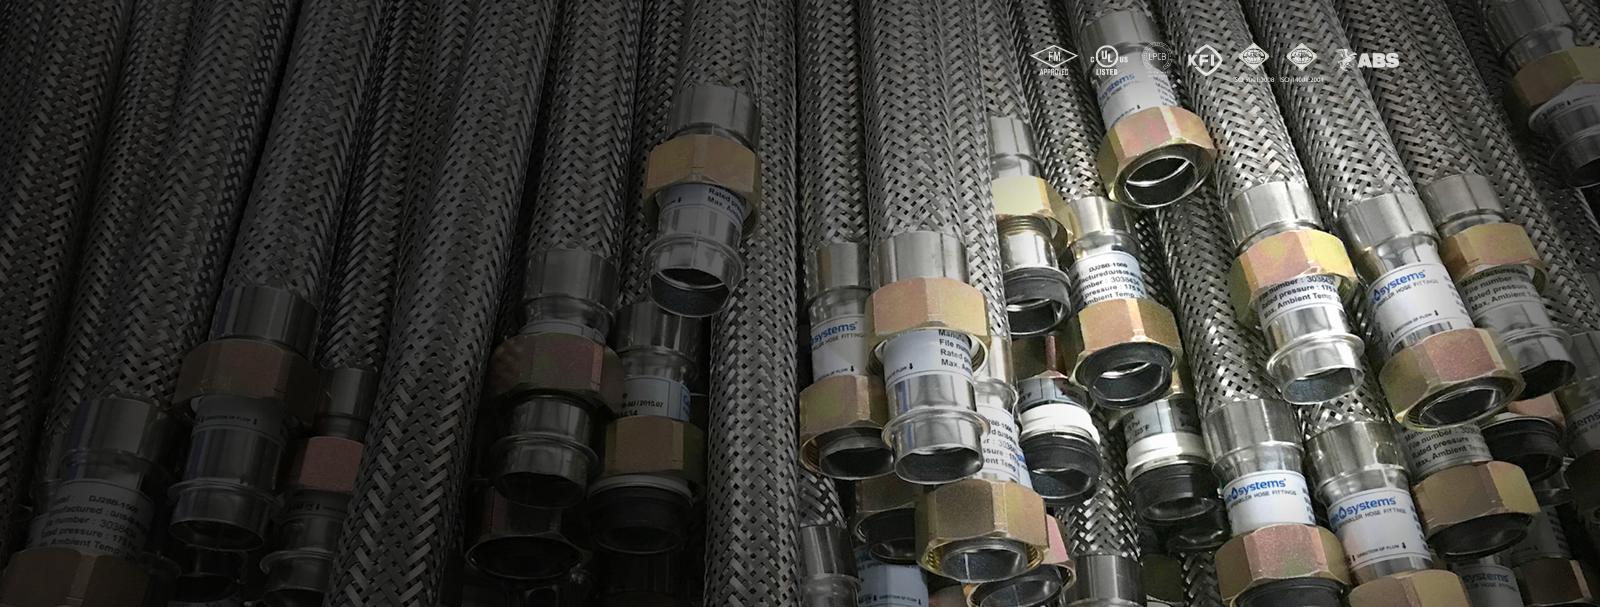 Lắp đặt Ống mềm nối đầu phun sprinkler DJ25UB-1000